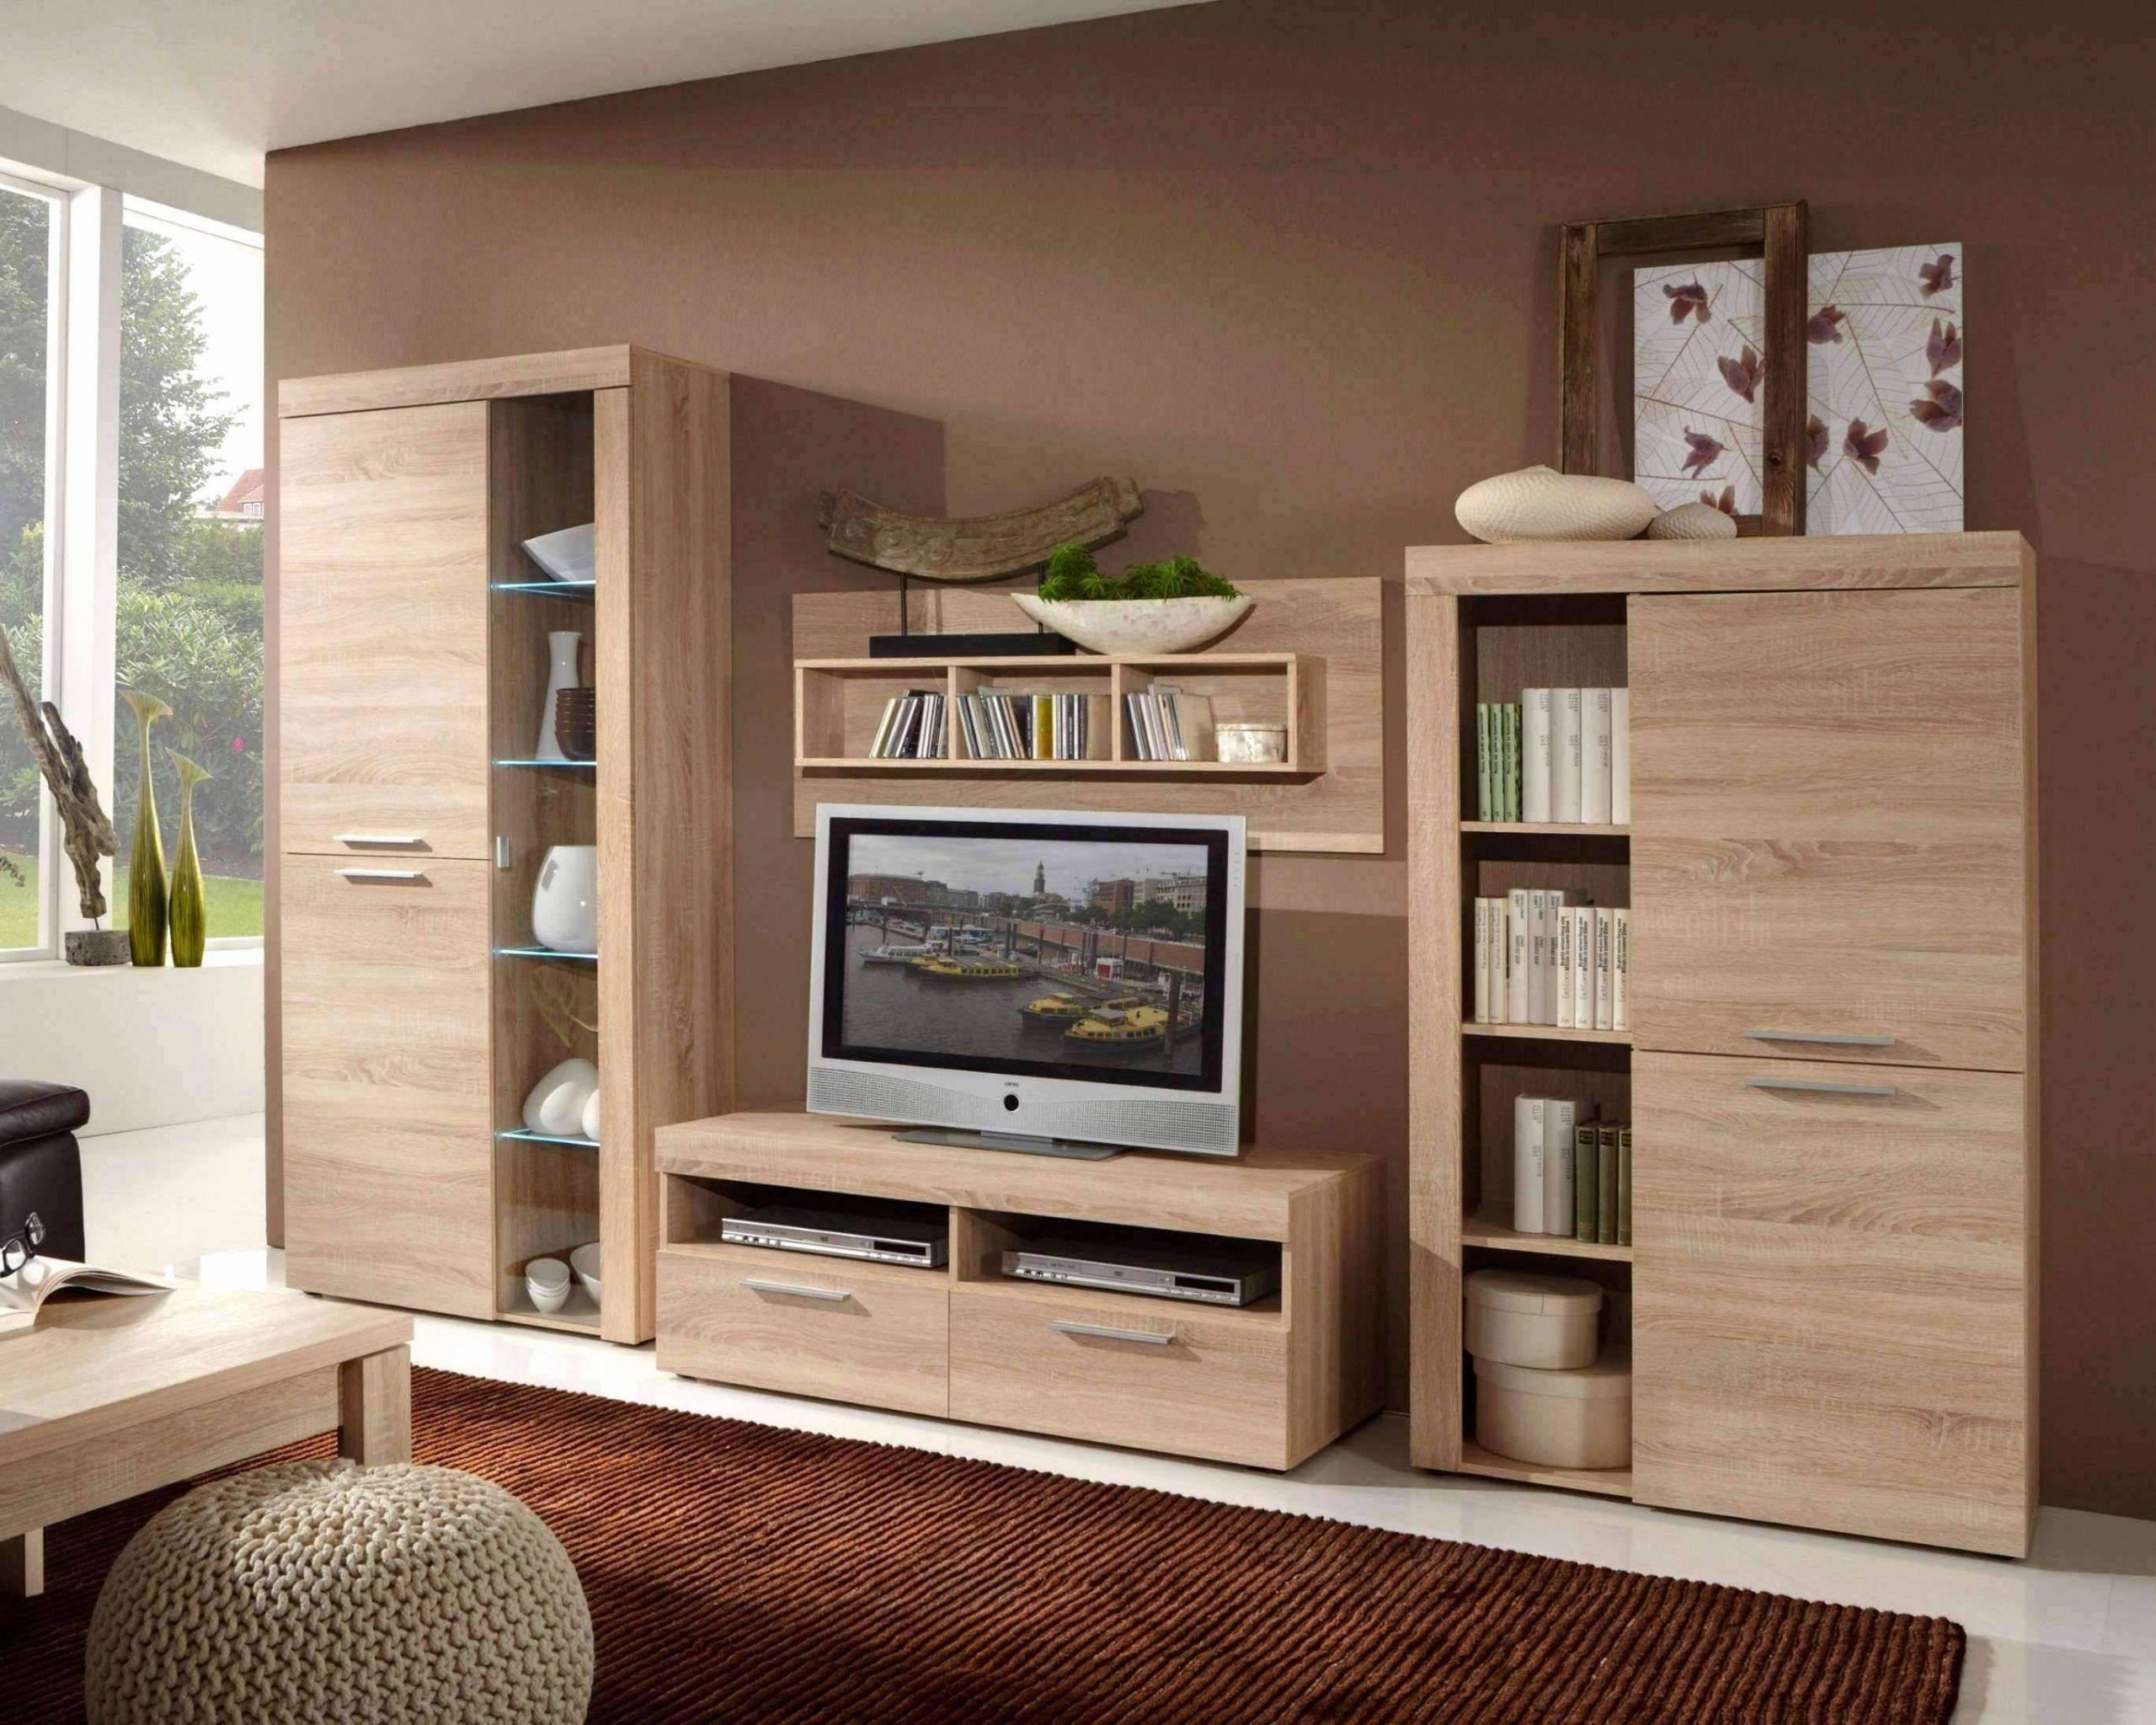 deko landhausstil wohnzimmer luxus schon wohnzimmer design landhaus inspirationen of deko landhausstil wohnzimmer scaled